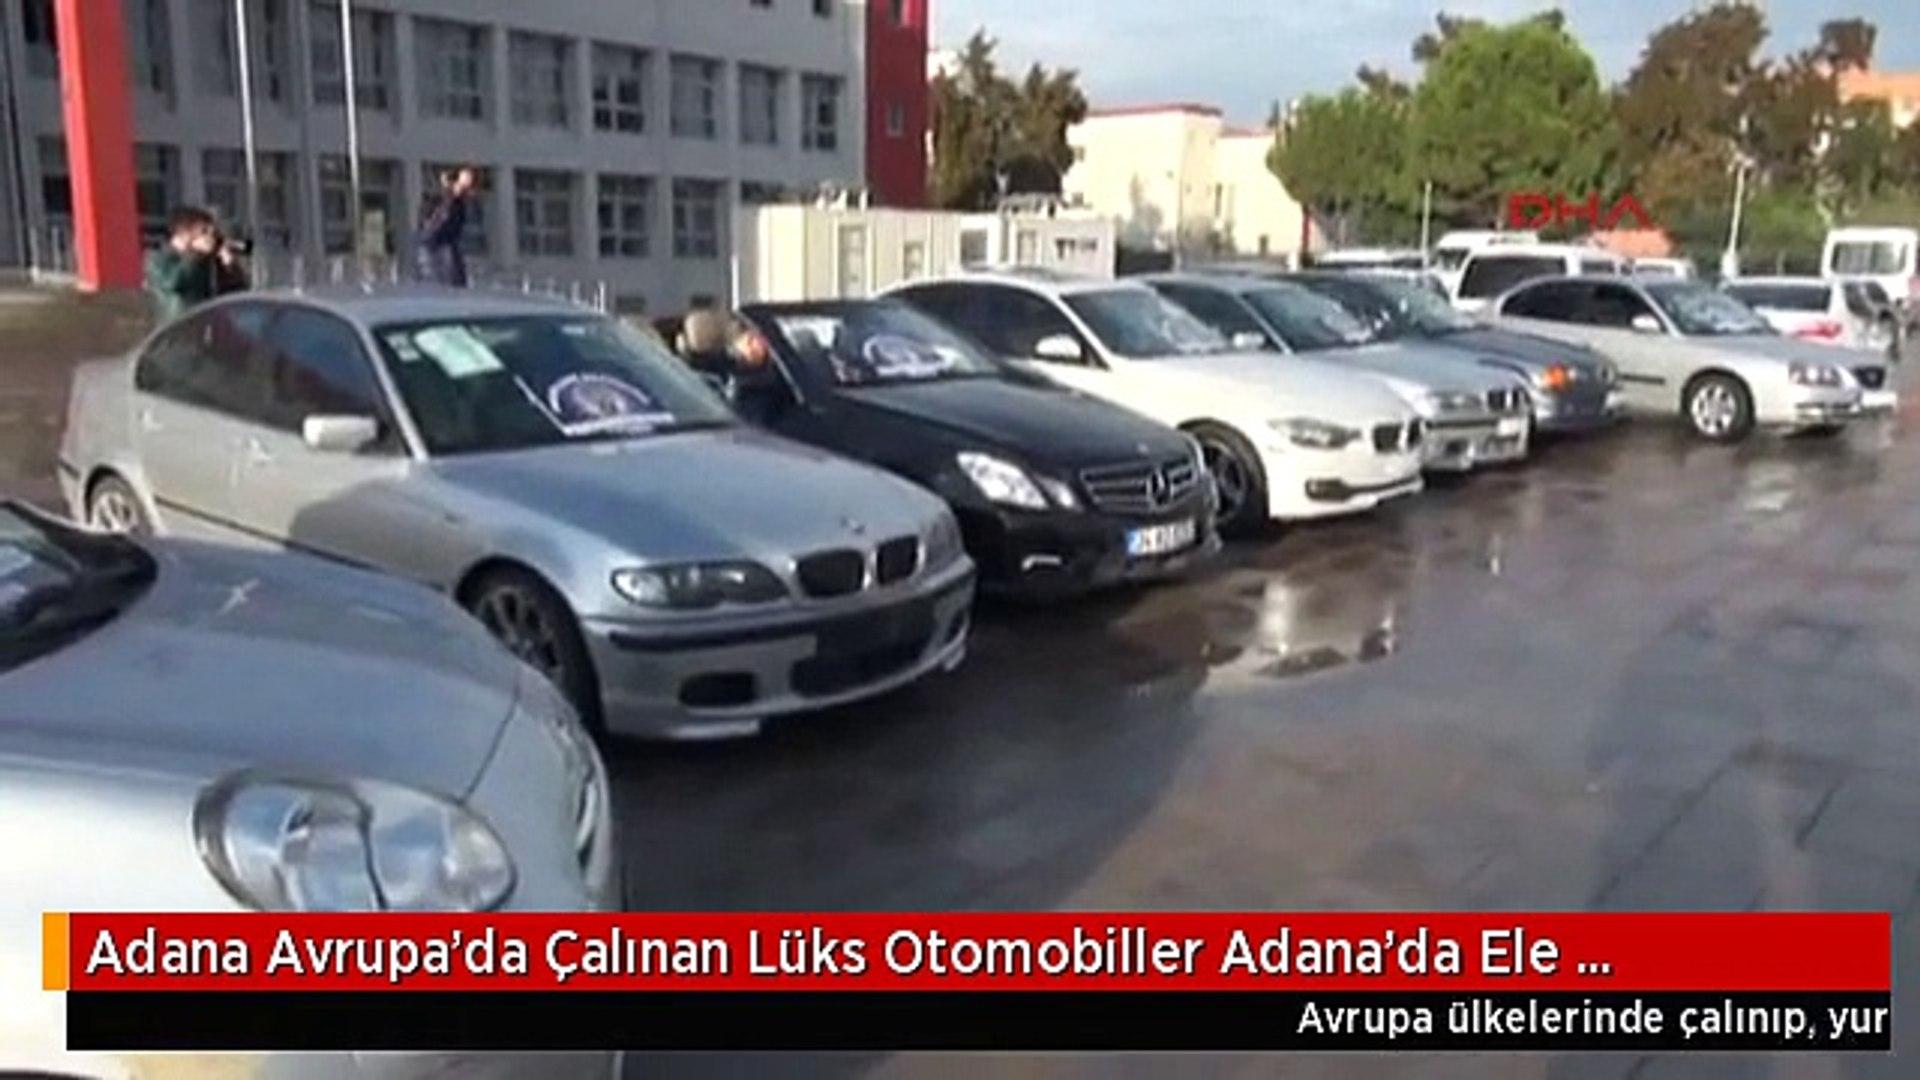 Adana Avrupa'da Çalınan Lüks Otomobiller Adana'da Ele Geçirildi